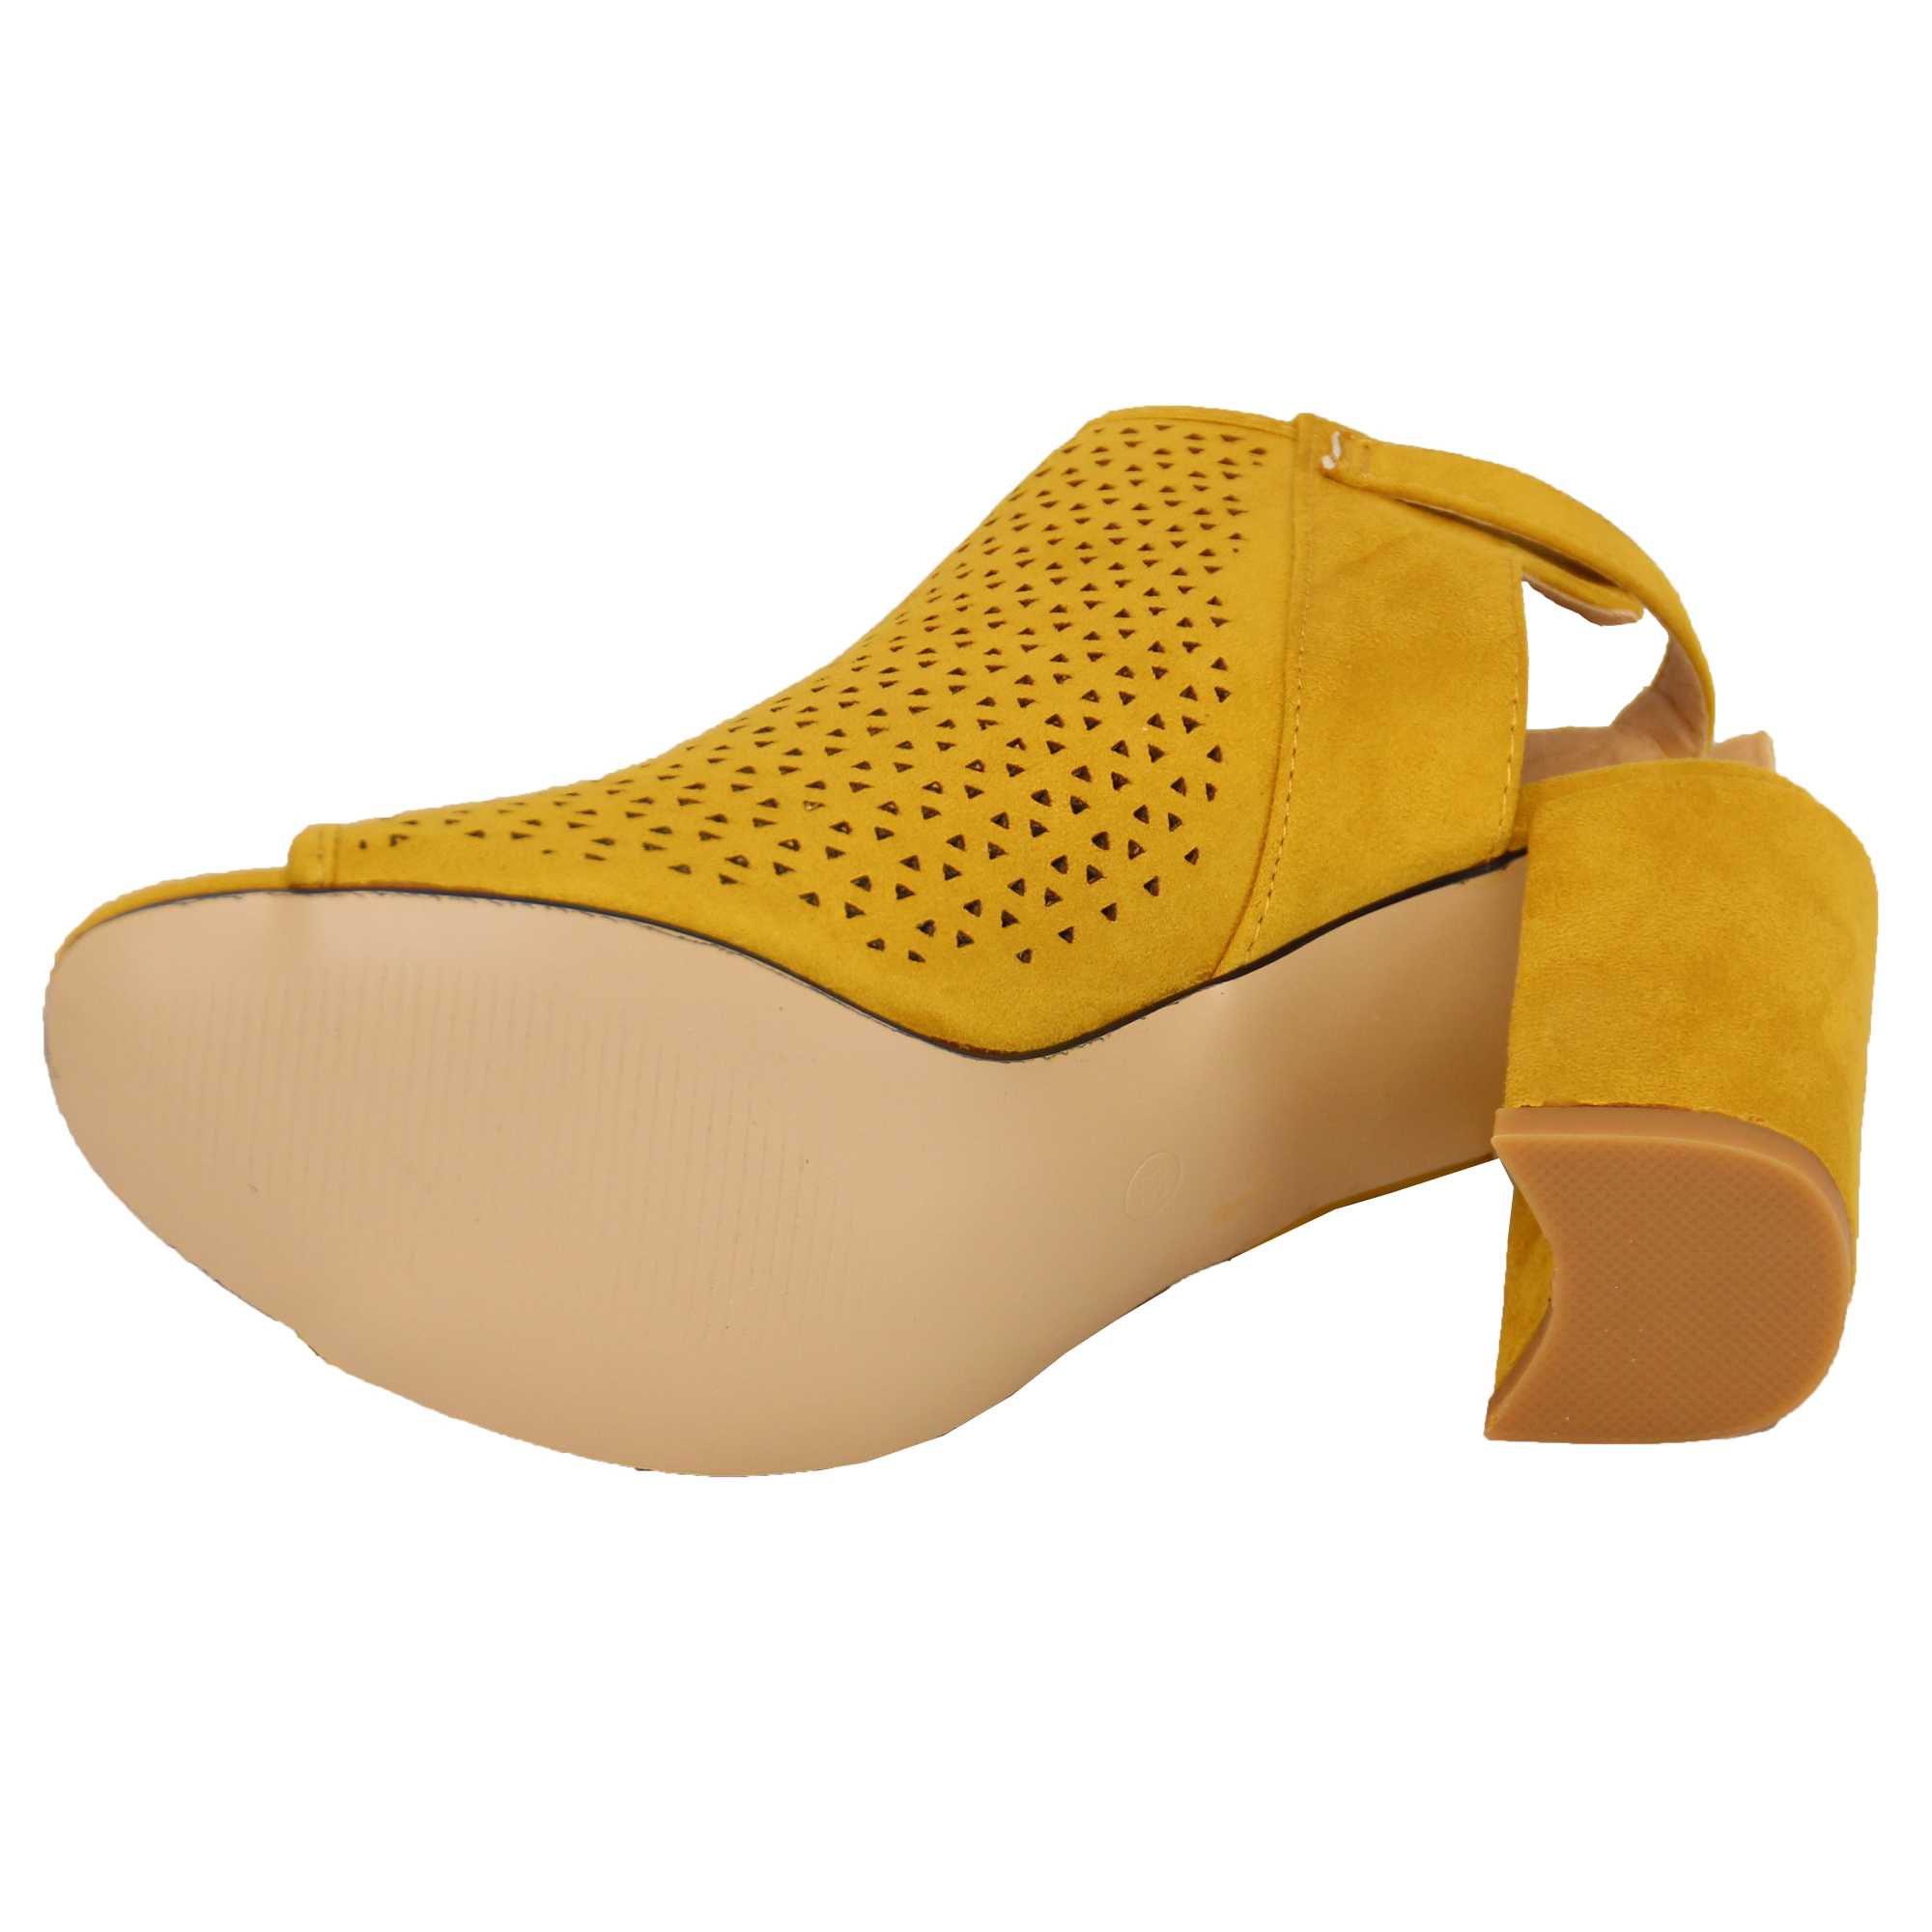 Ladies Mule Sandals Womens Block Heel Peep Toe Shoes ...